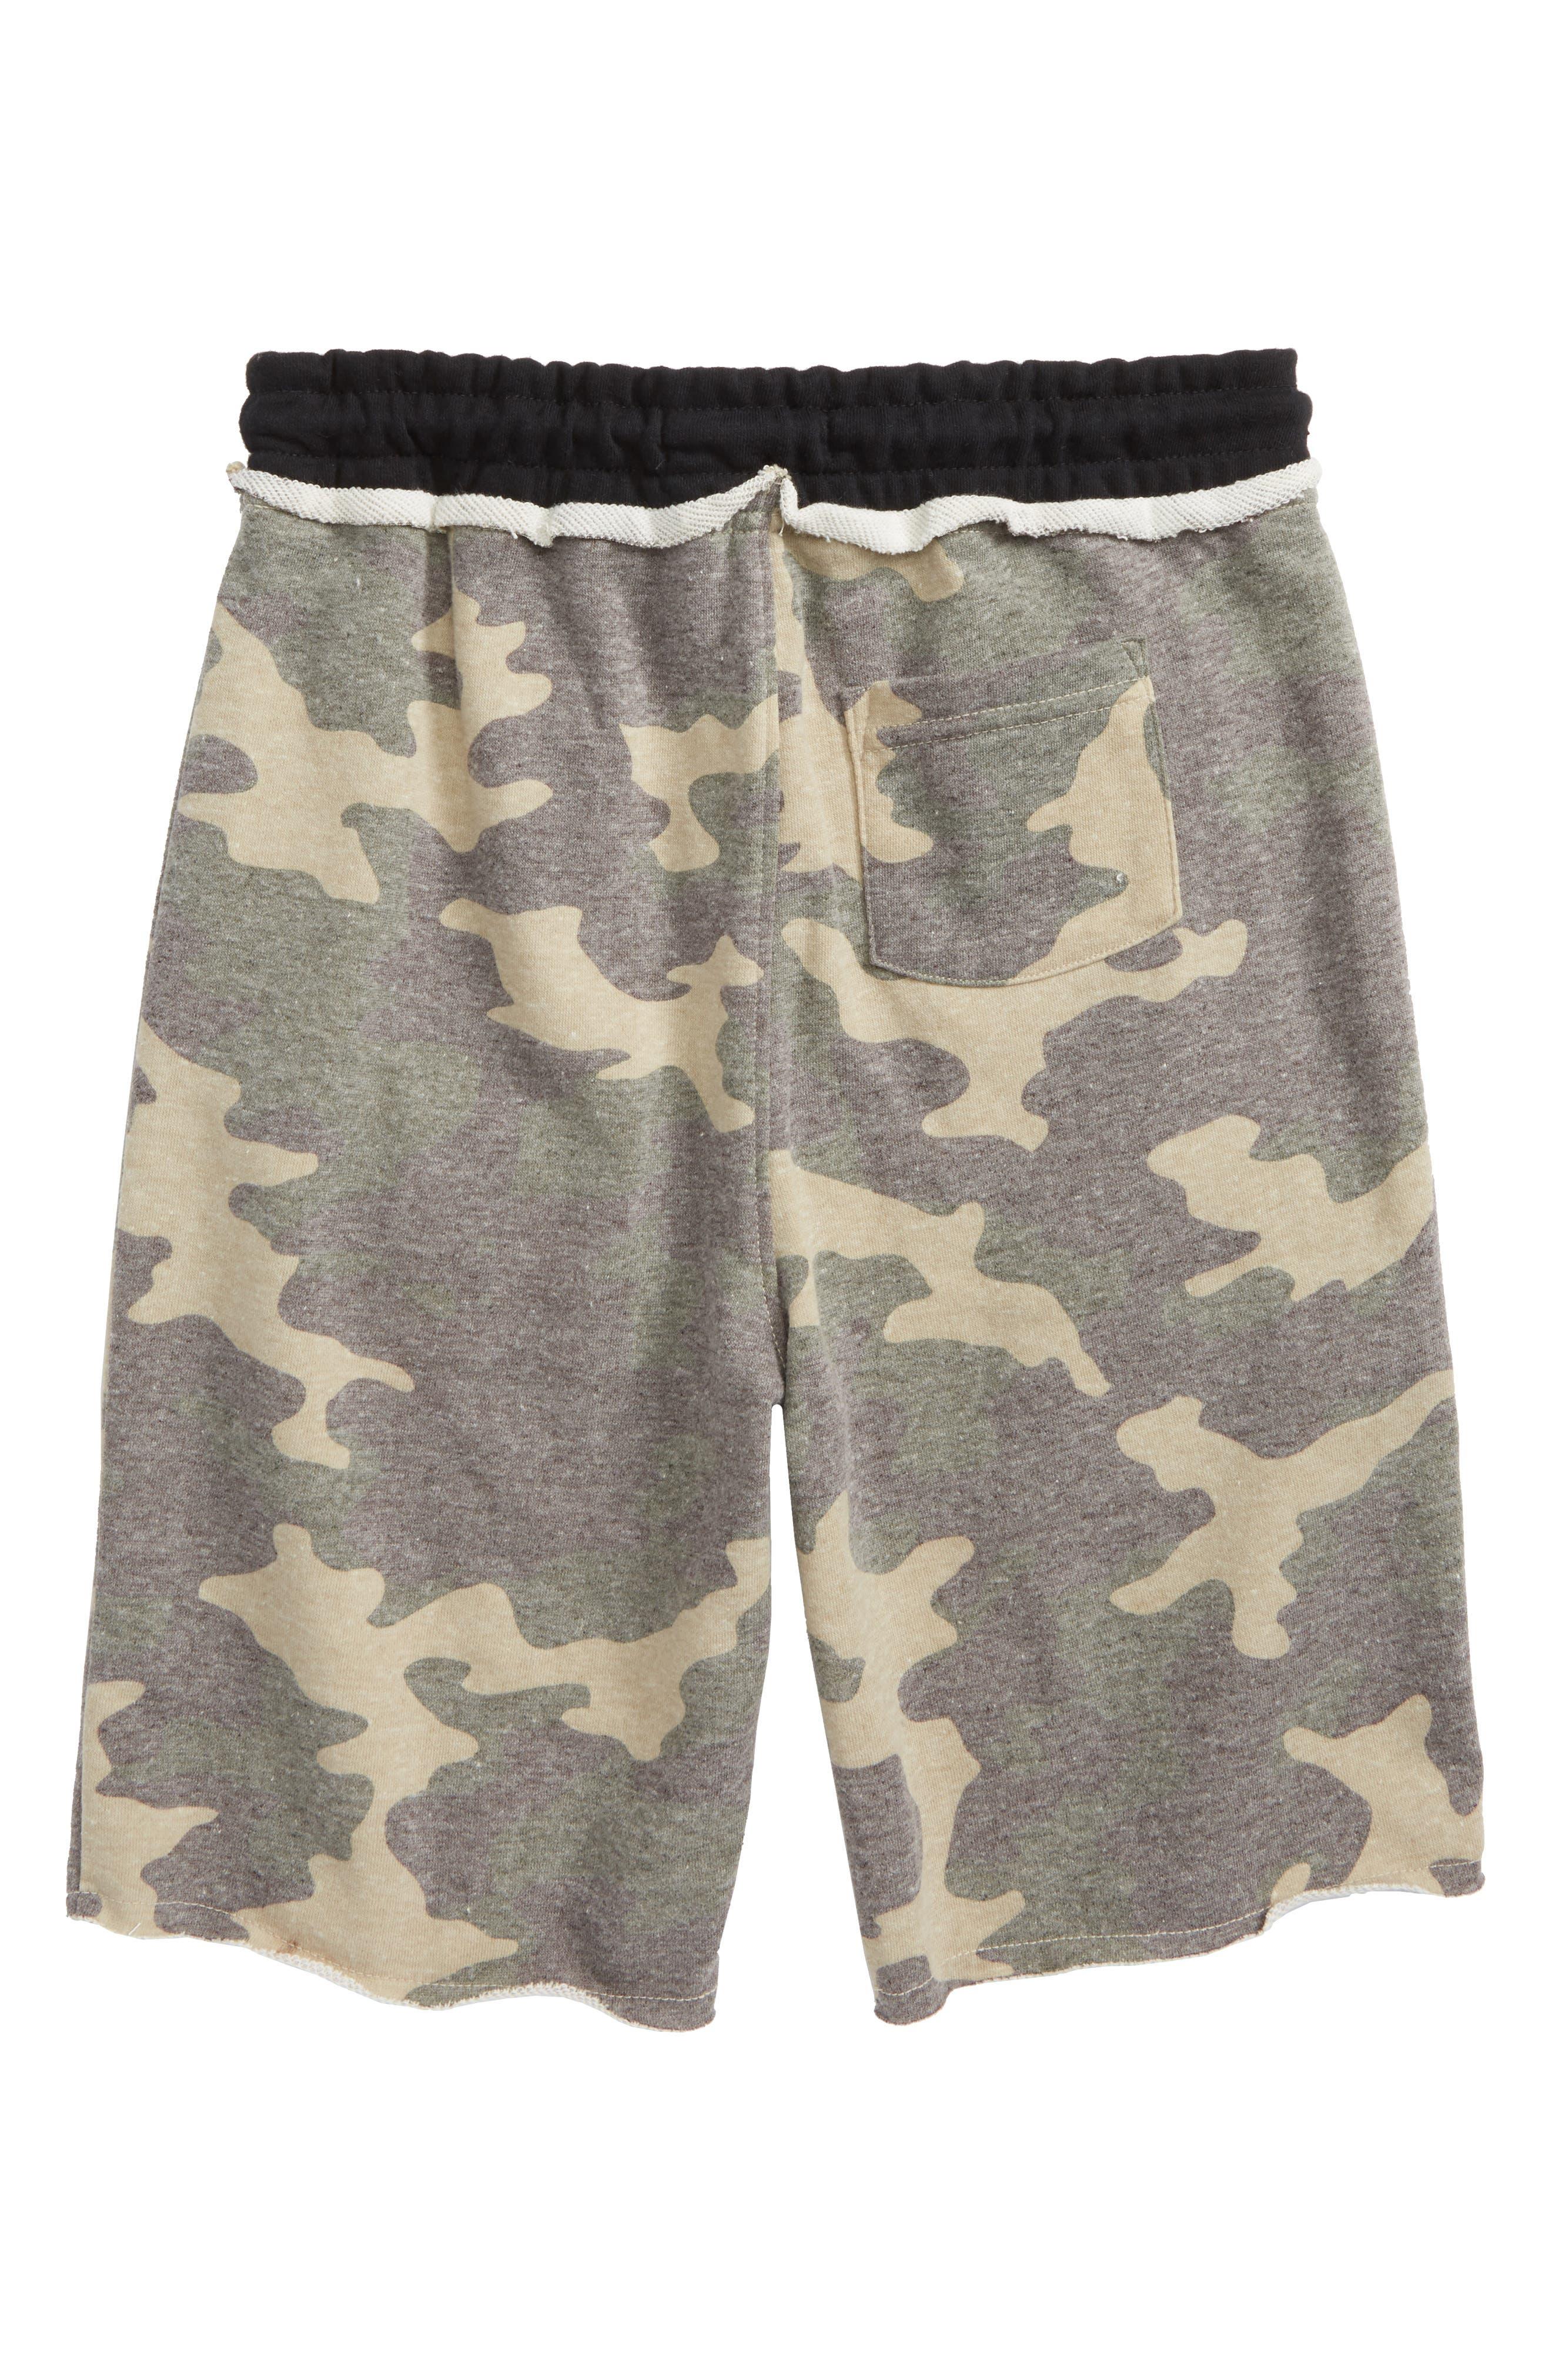 Raw Edge Shorts,                             Alternate thumbnail 2, color,                             Camo/ Black